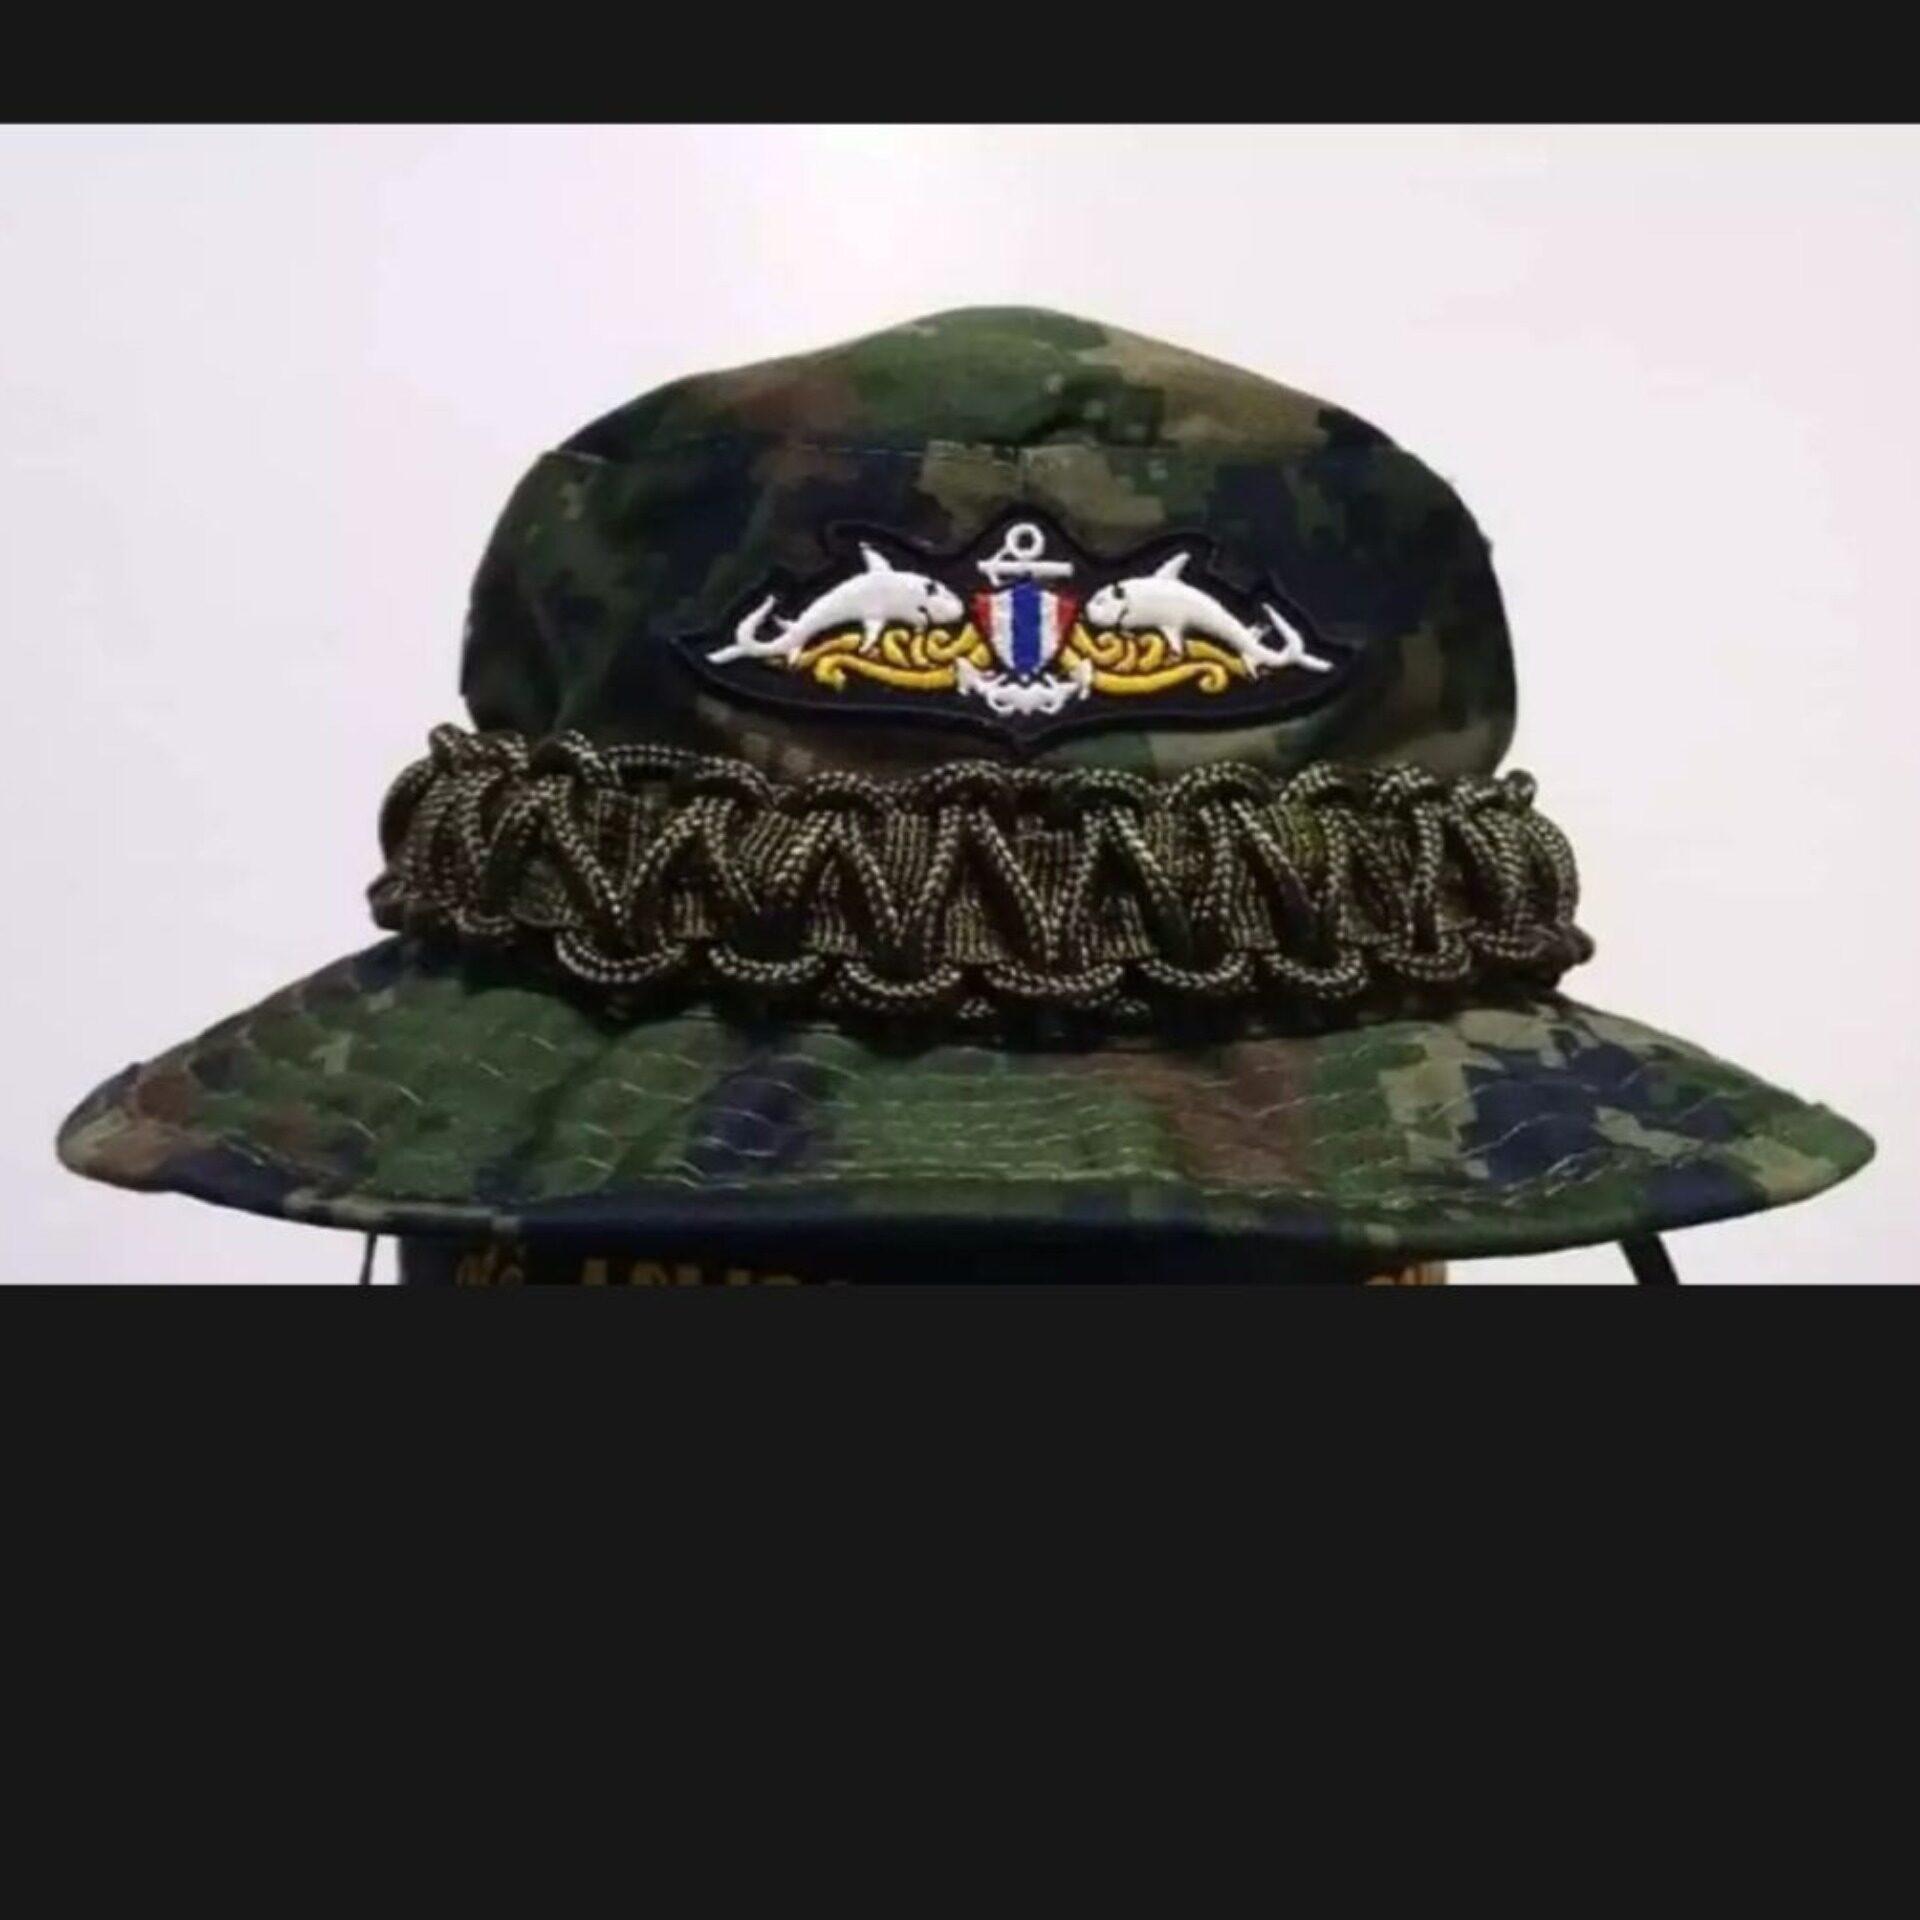 หมวกปีกลายพรางทหารเรือ ติดอาร์มมนุษย์กบ ถักเชือกรอบหมวก.